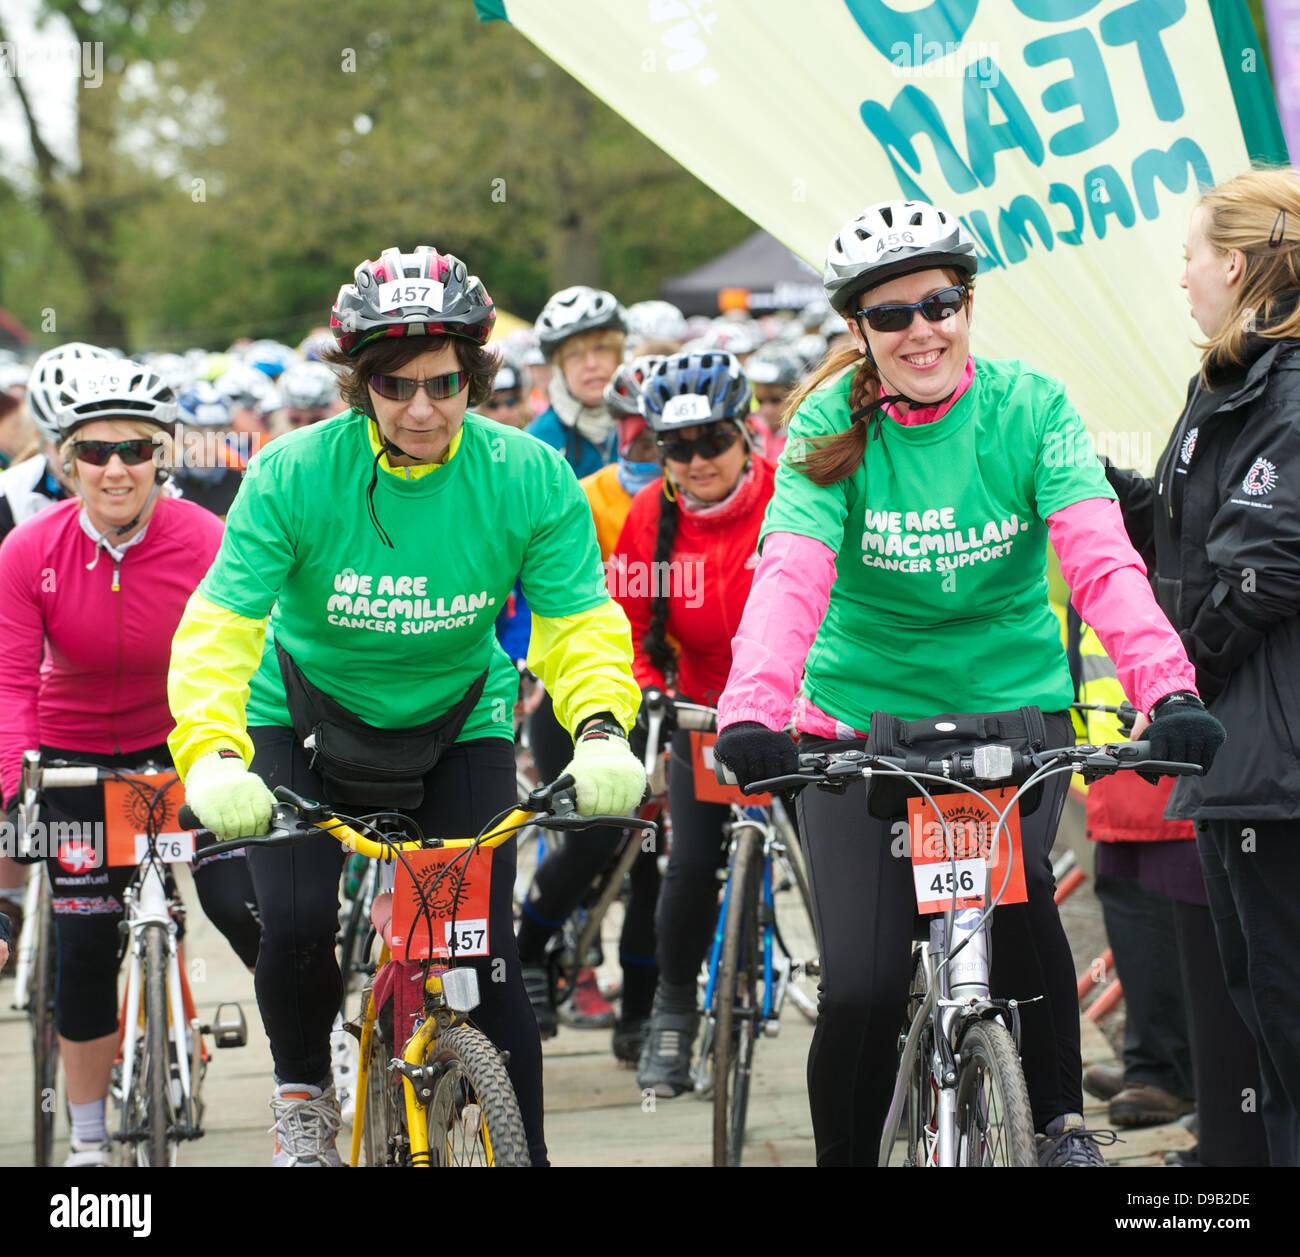 Cycletta  all women charity bike ride in Cheshire Stock Photo